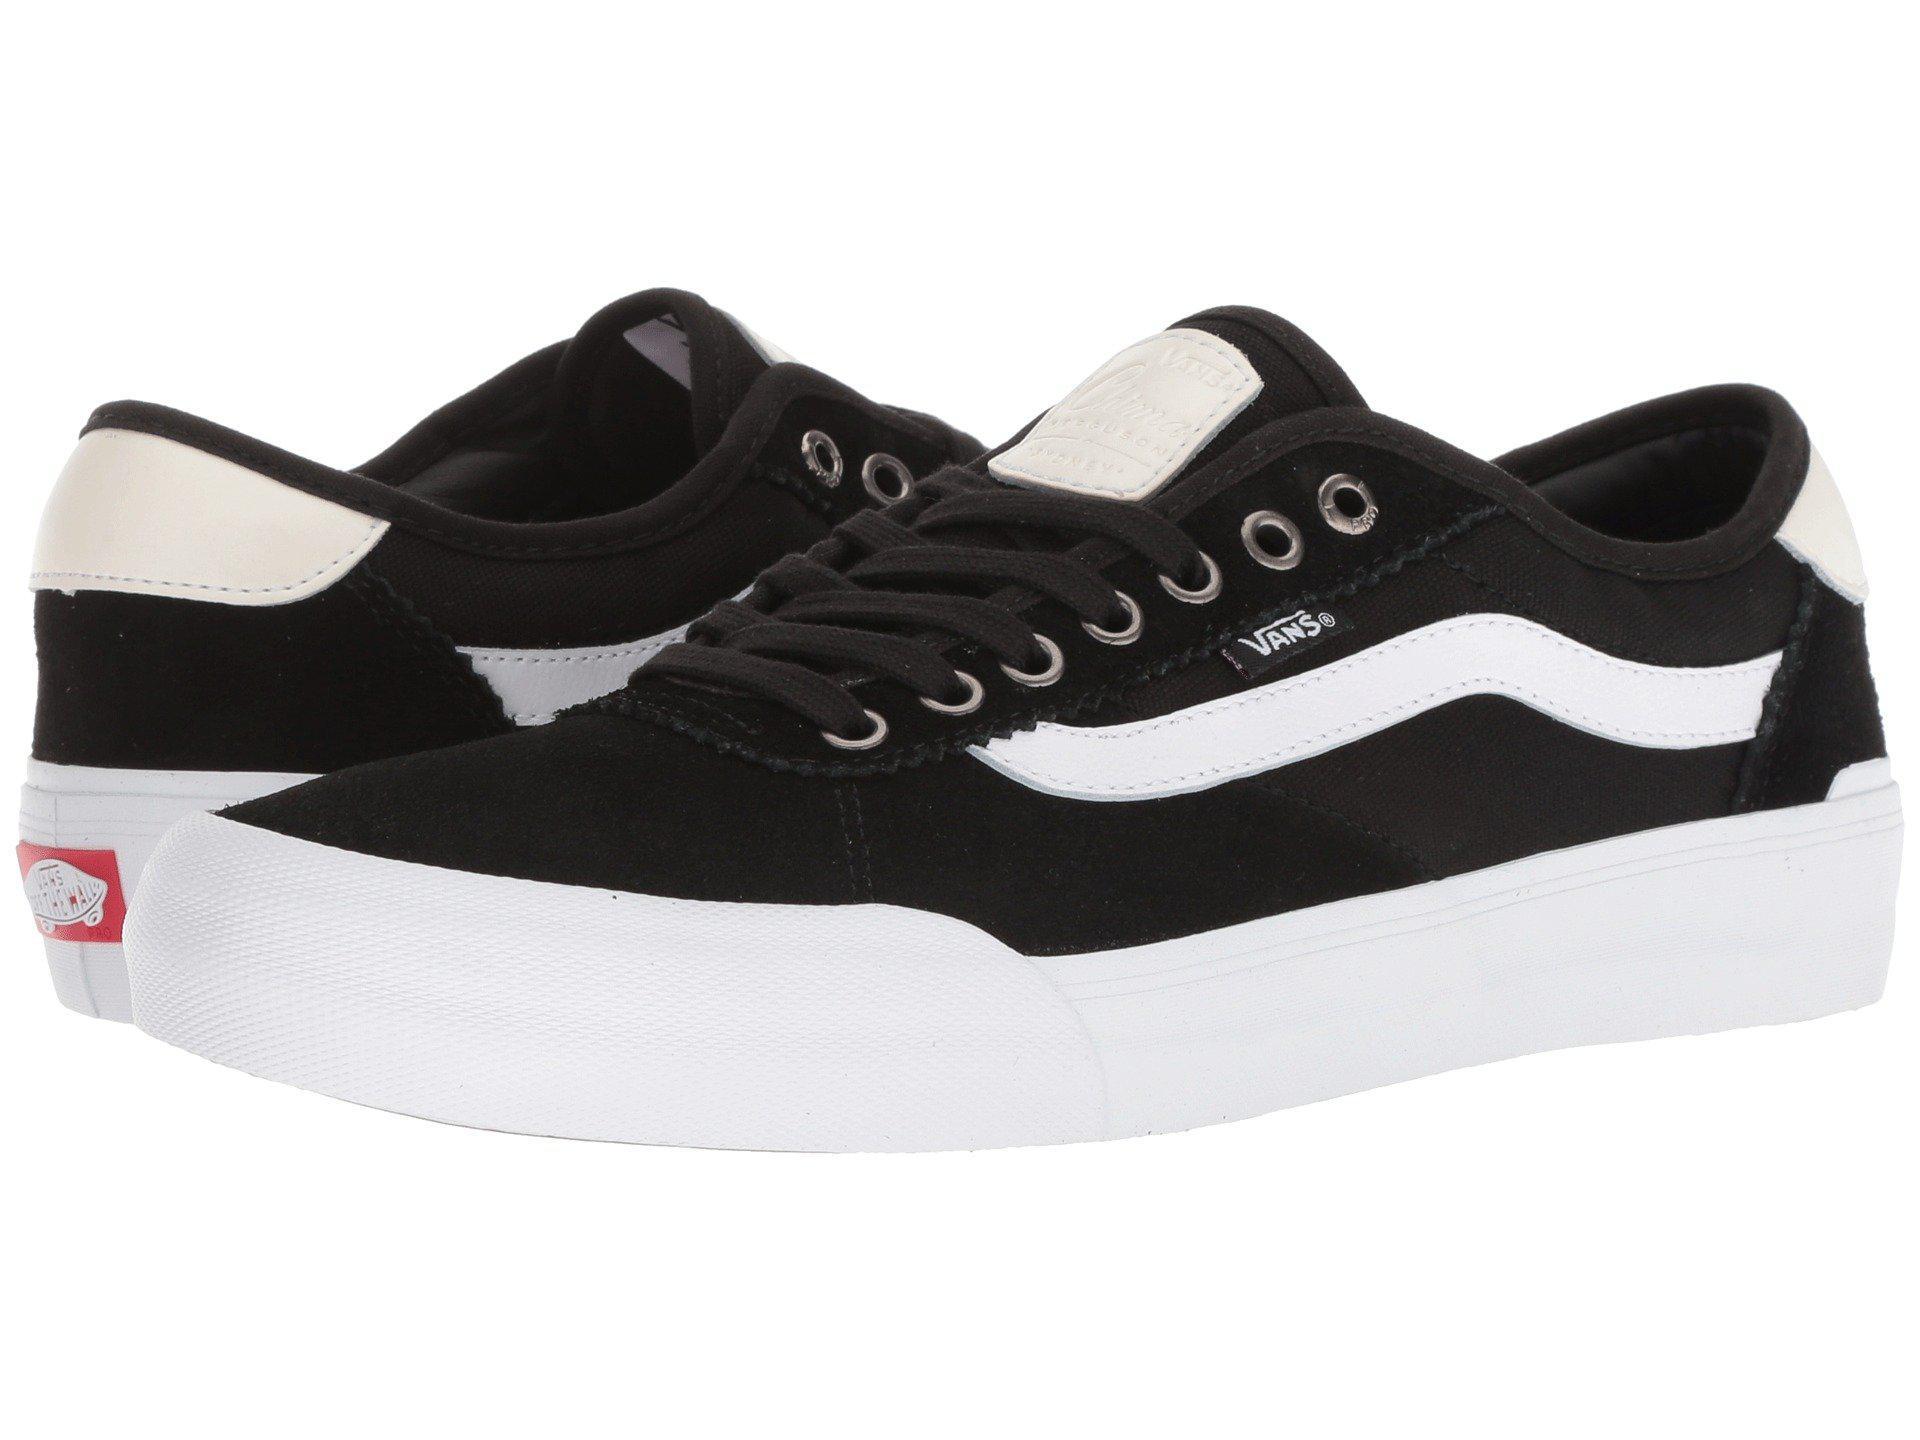 f2a0610373 Lyst - Vans Chima Pro 2 ((suede canvas) Black white) Men s Skate ...